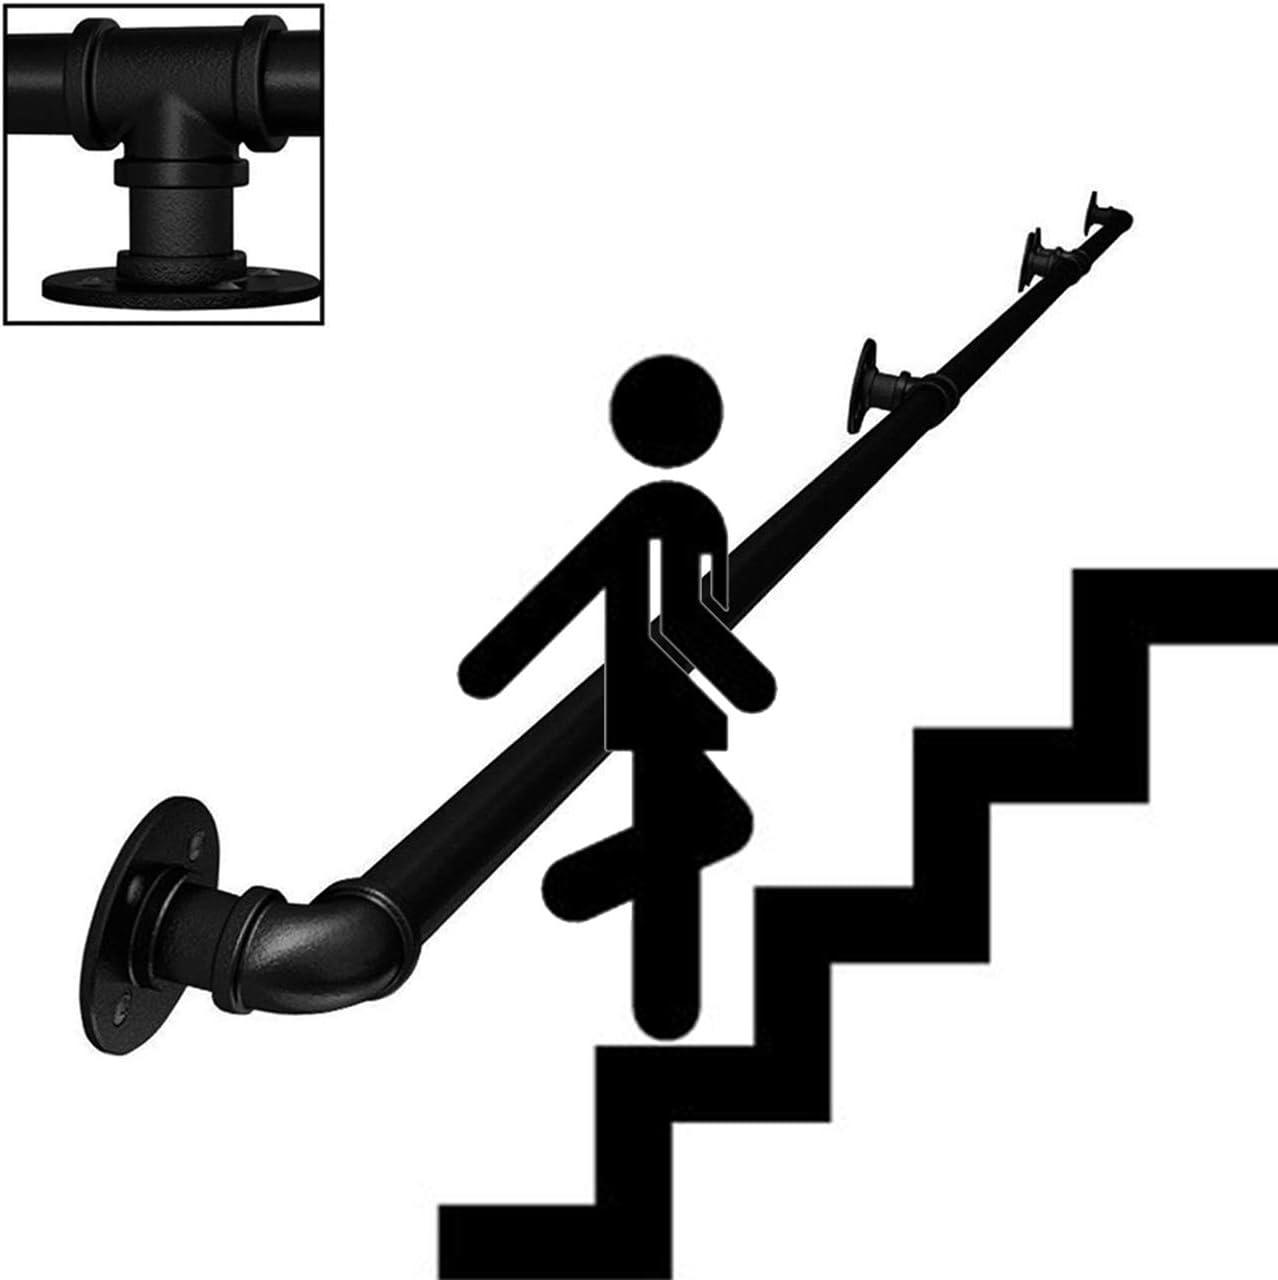 B/ügeleisen Schwarz Sturzpr/ävention|,1ft//30cm ZCFXGHH Hilfs Balance Treppenhandlauf Handlauf Rampe Handtuchhalter Lenkerhandlauf Bar for die Home Kinder Korridor Krankenhaus Villas Lofts